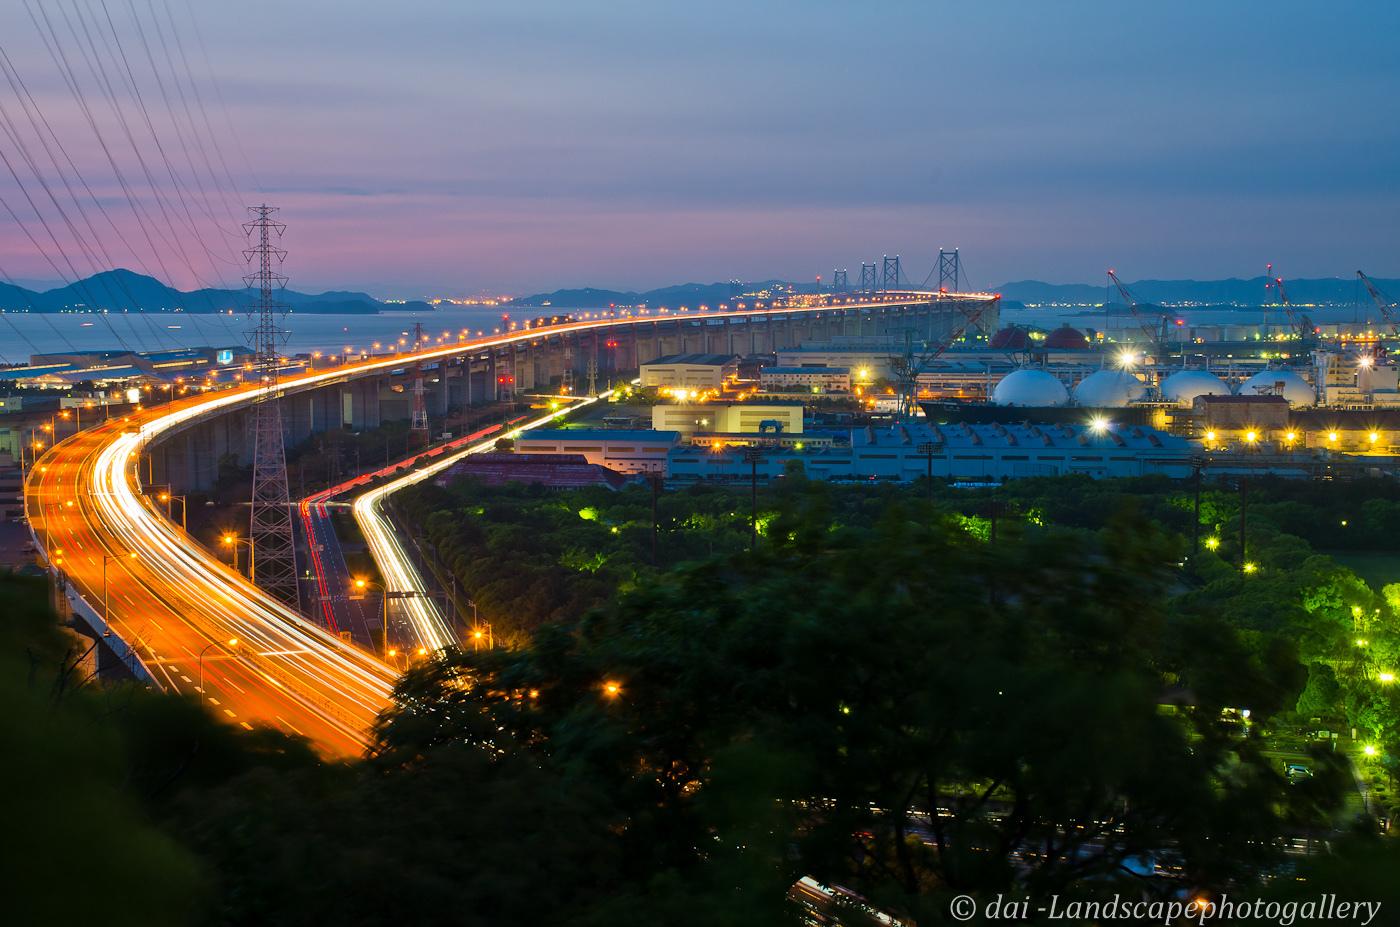 坂出から望む夕暮れの瀬戸大橋夜景